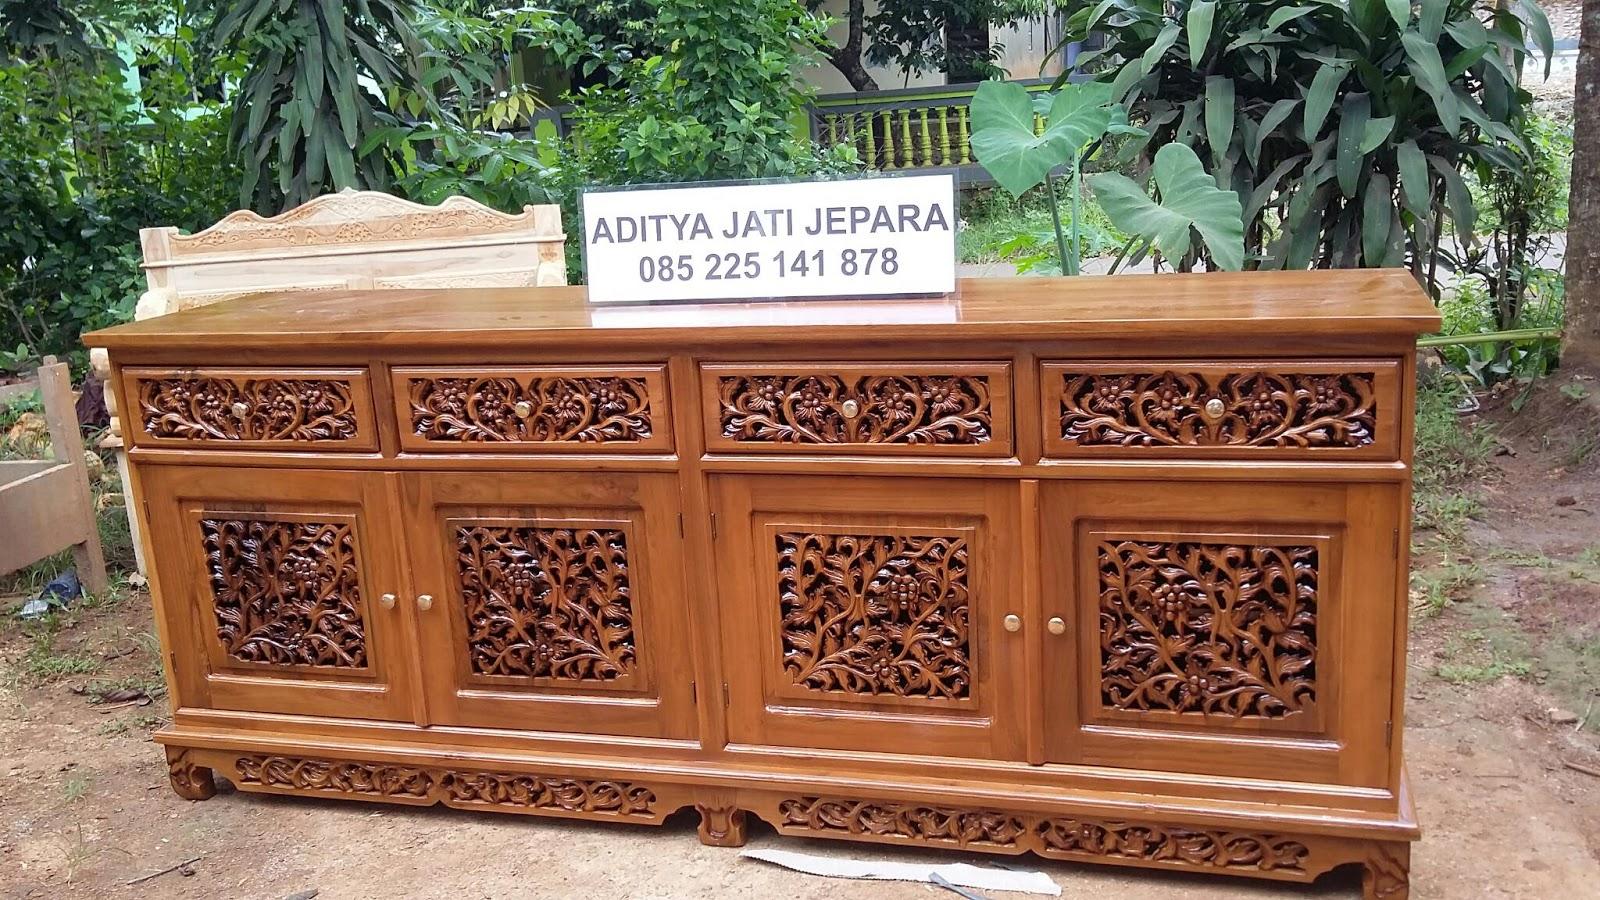 Bufet Palembang Ukir Toko Online Mebel Ukir Aditya Jati Jepara # Meubel Paletten